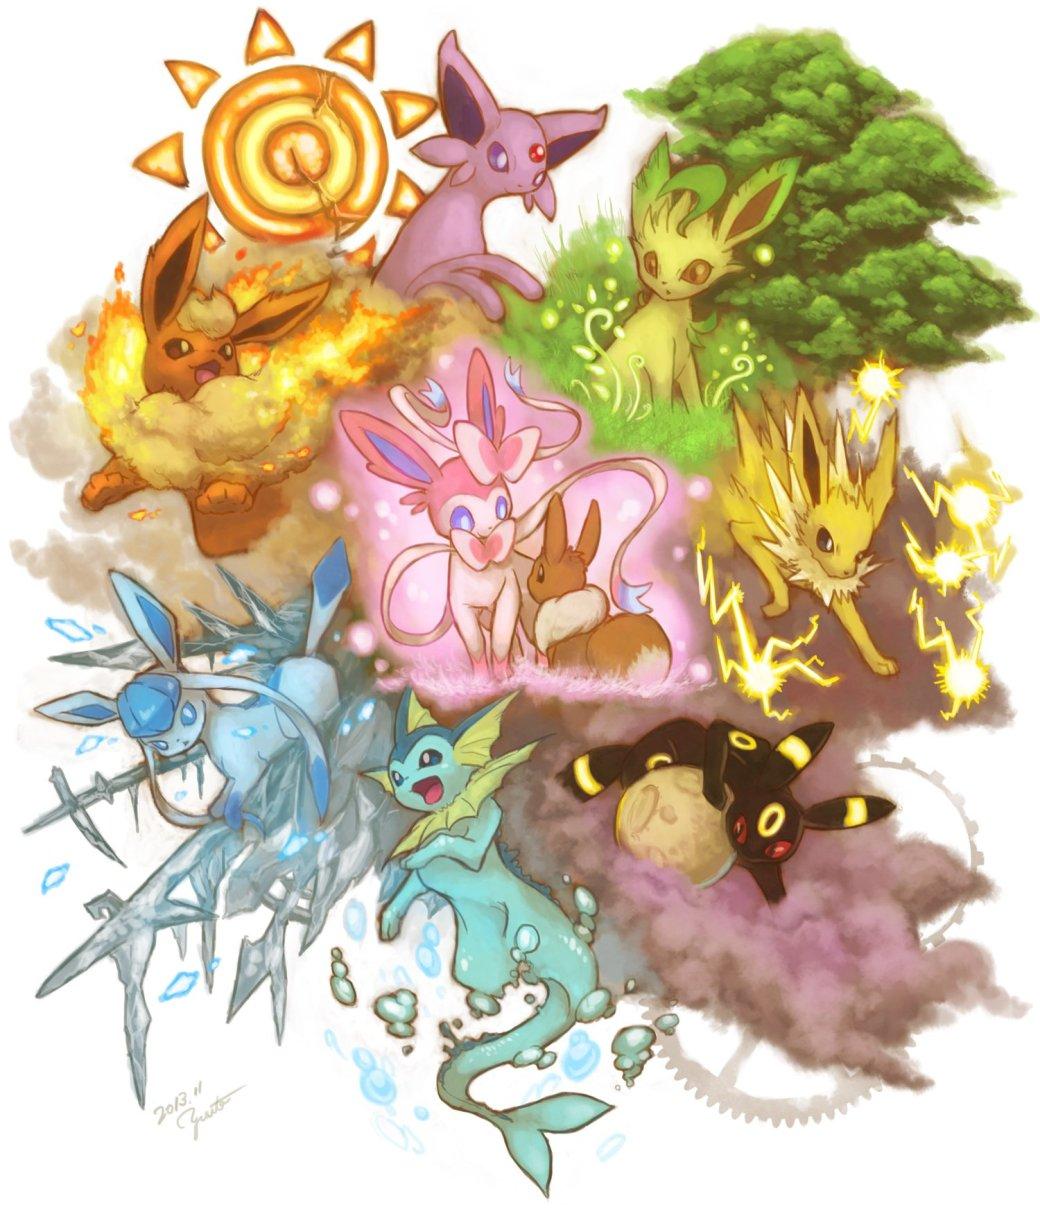 Введение в мир Pokémon - Изображение 5